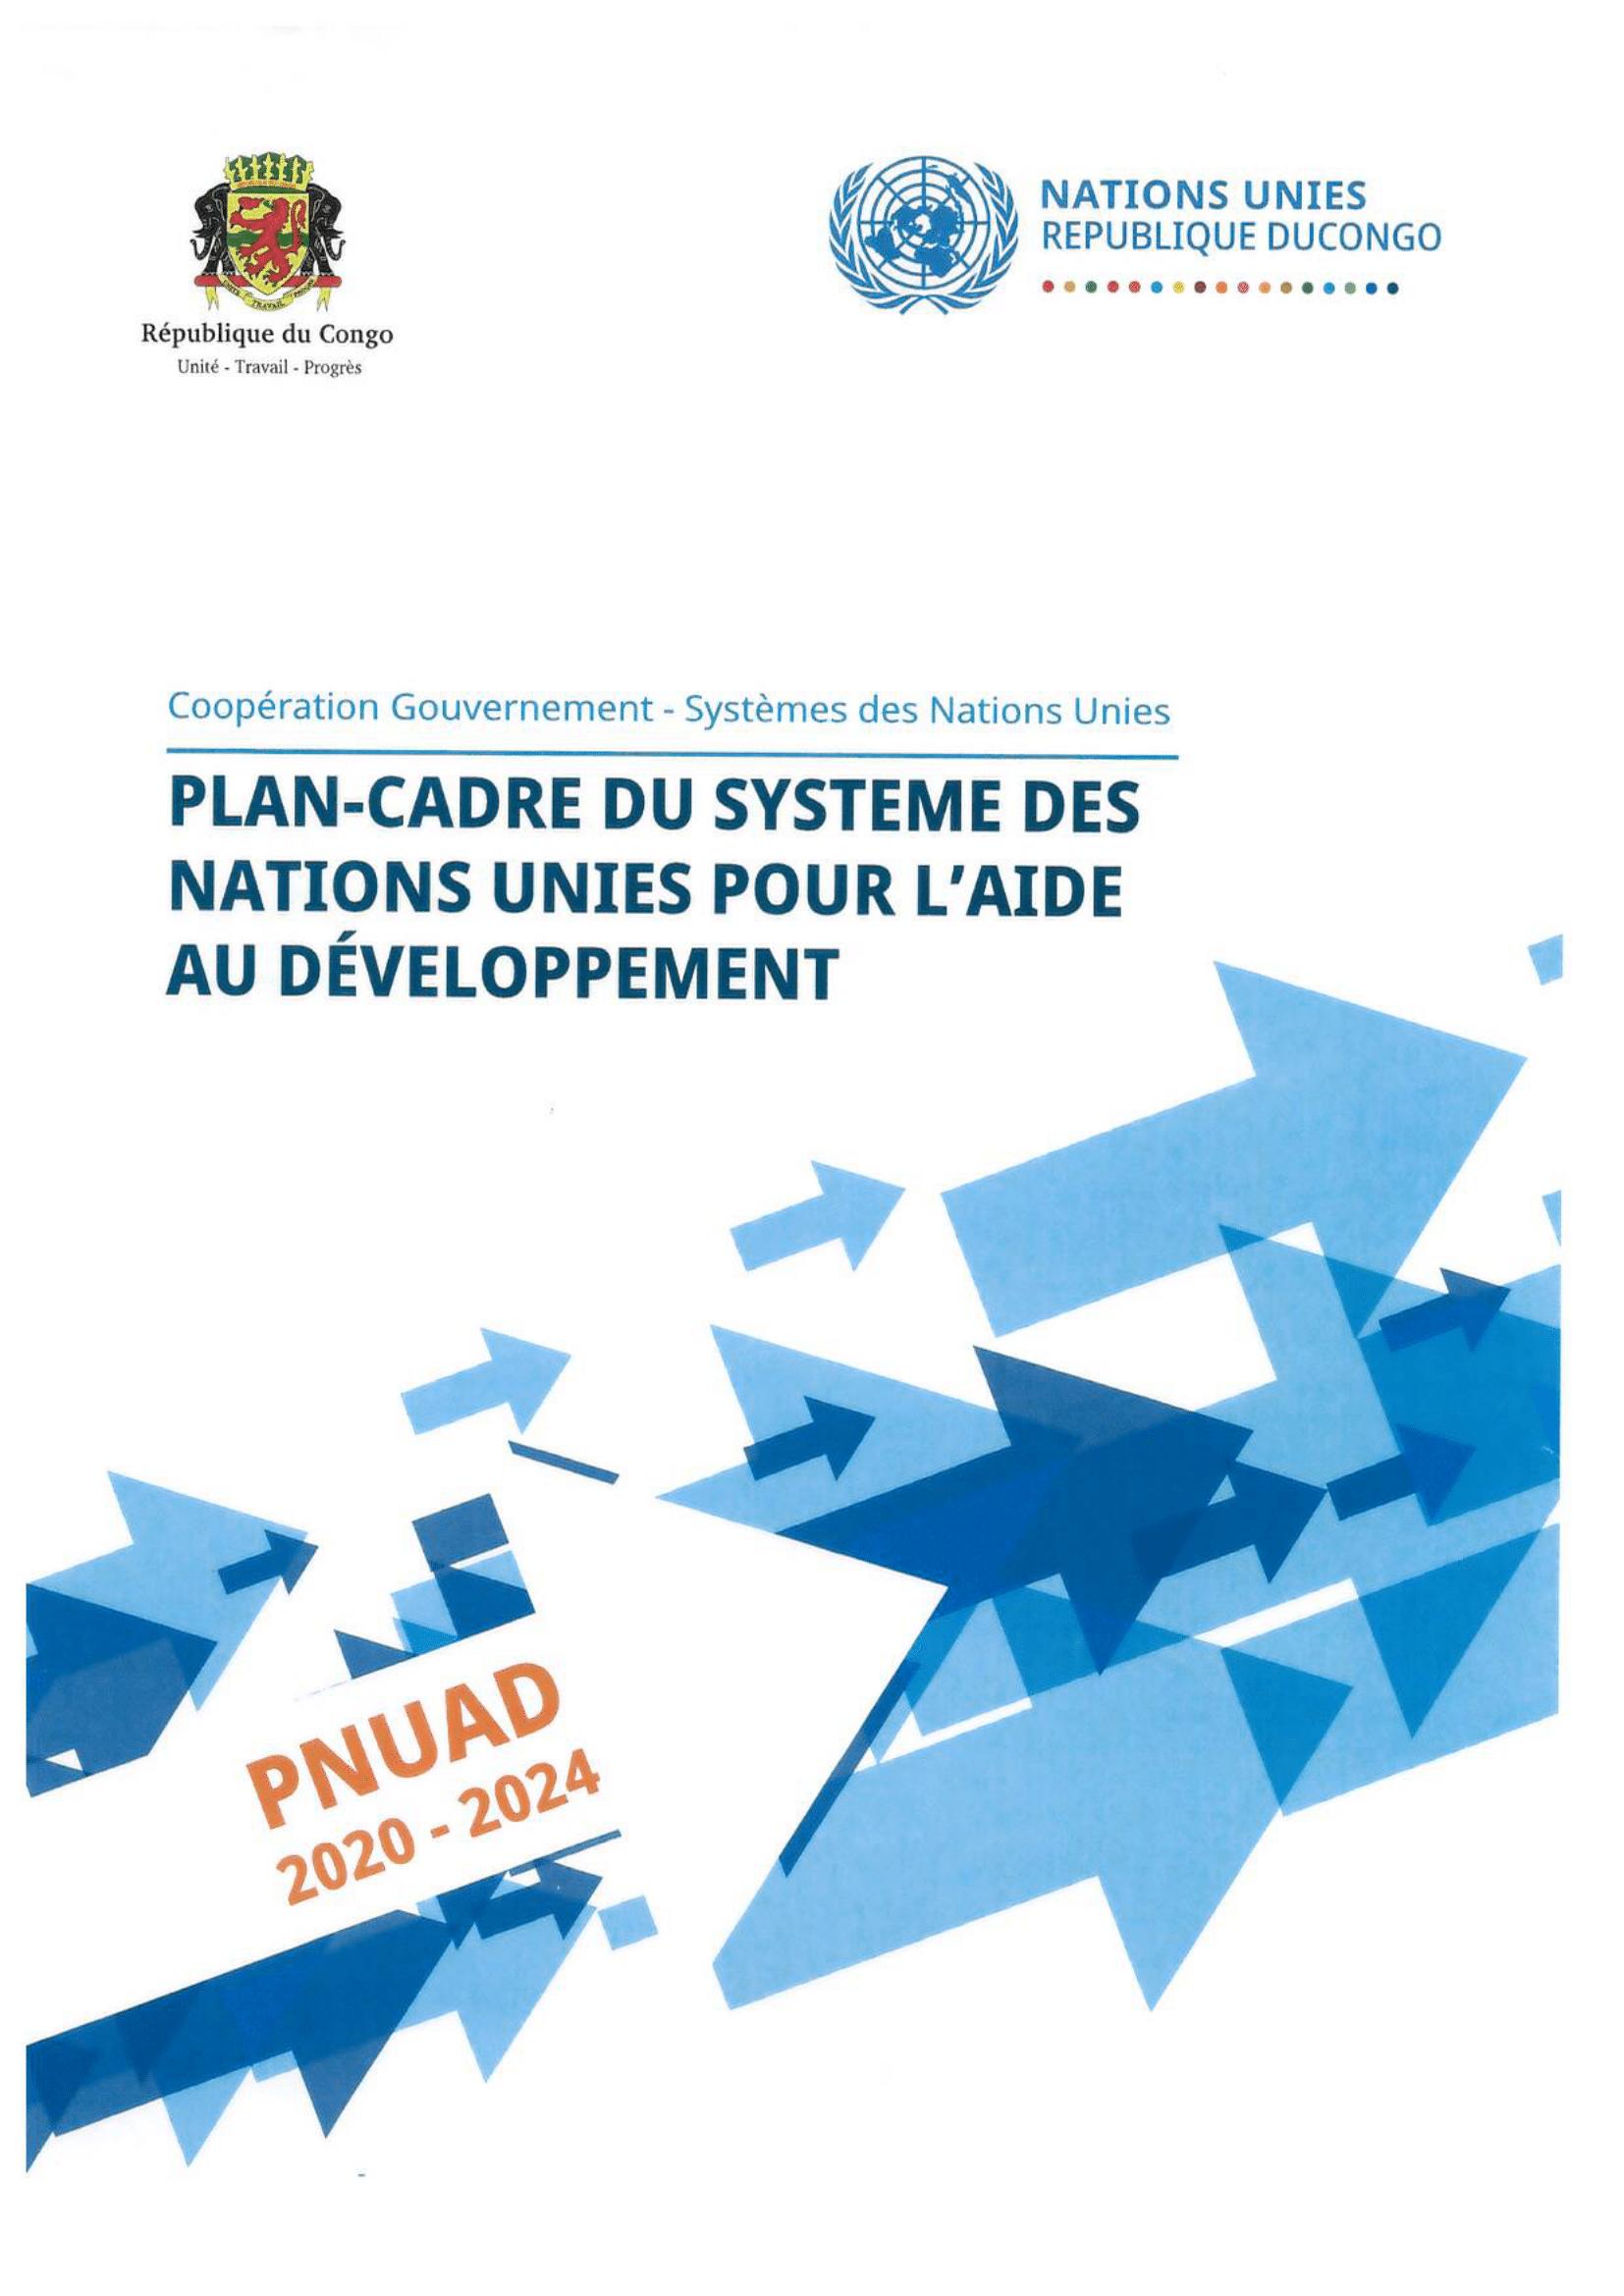 Plan-cadre du système des Nations Unies pour l'aide au développement 2020-2024